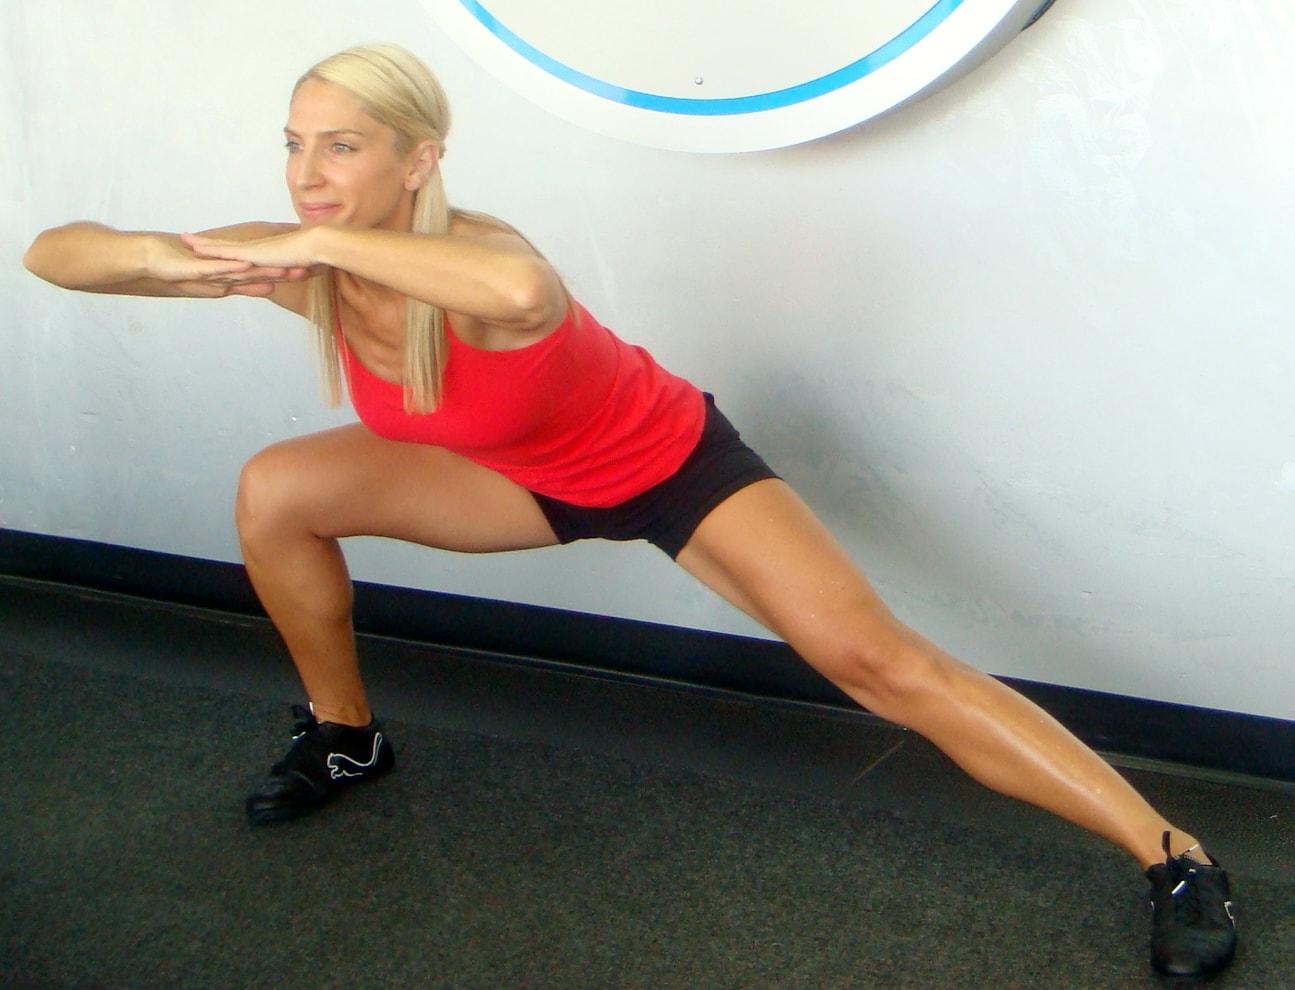 Como aumentar masa muscular piernas y gluteos